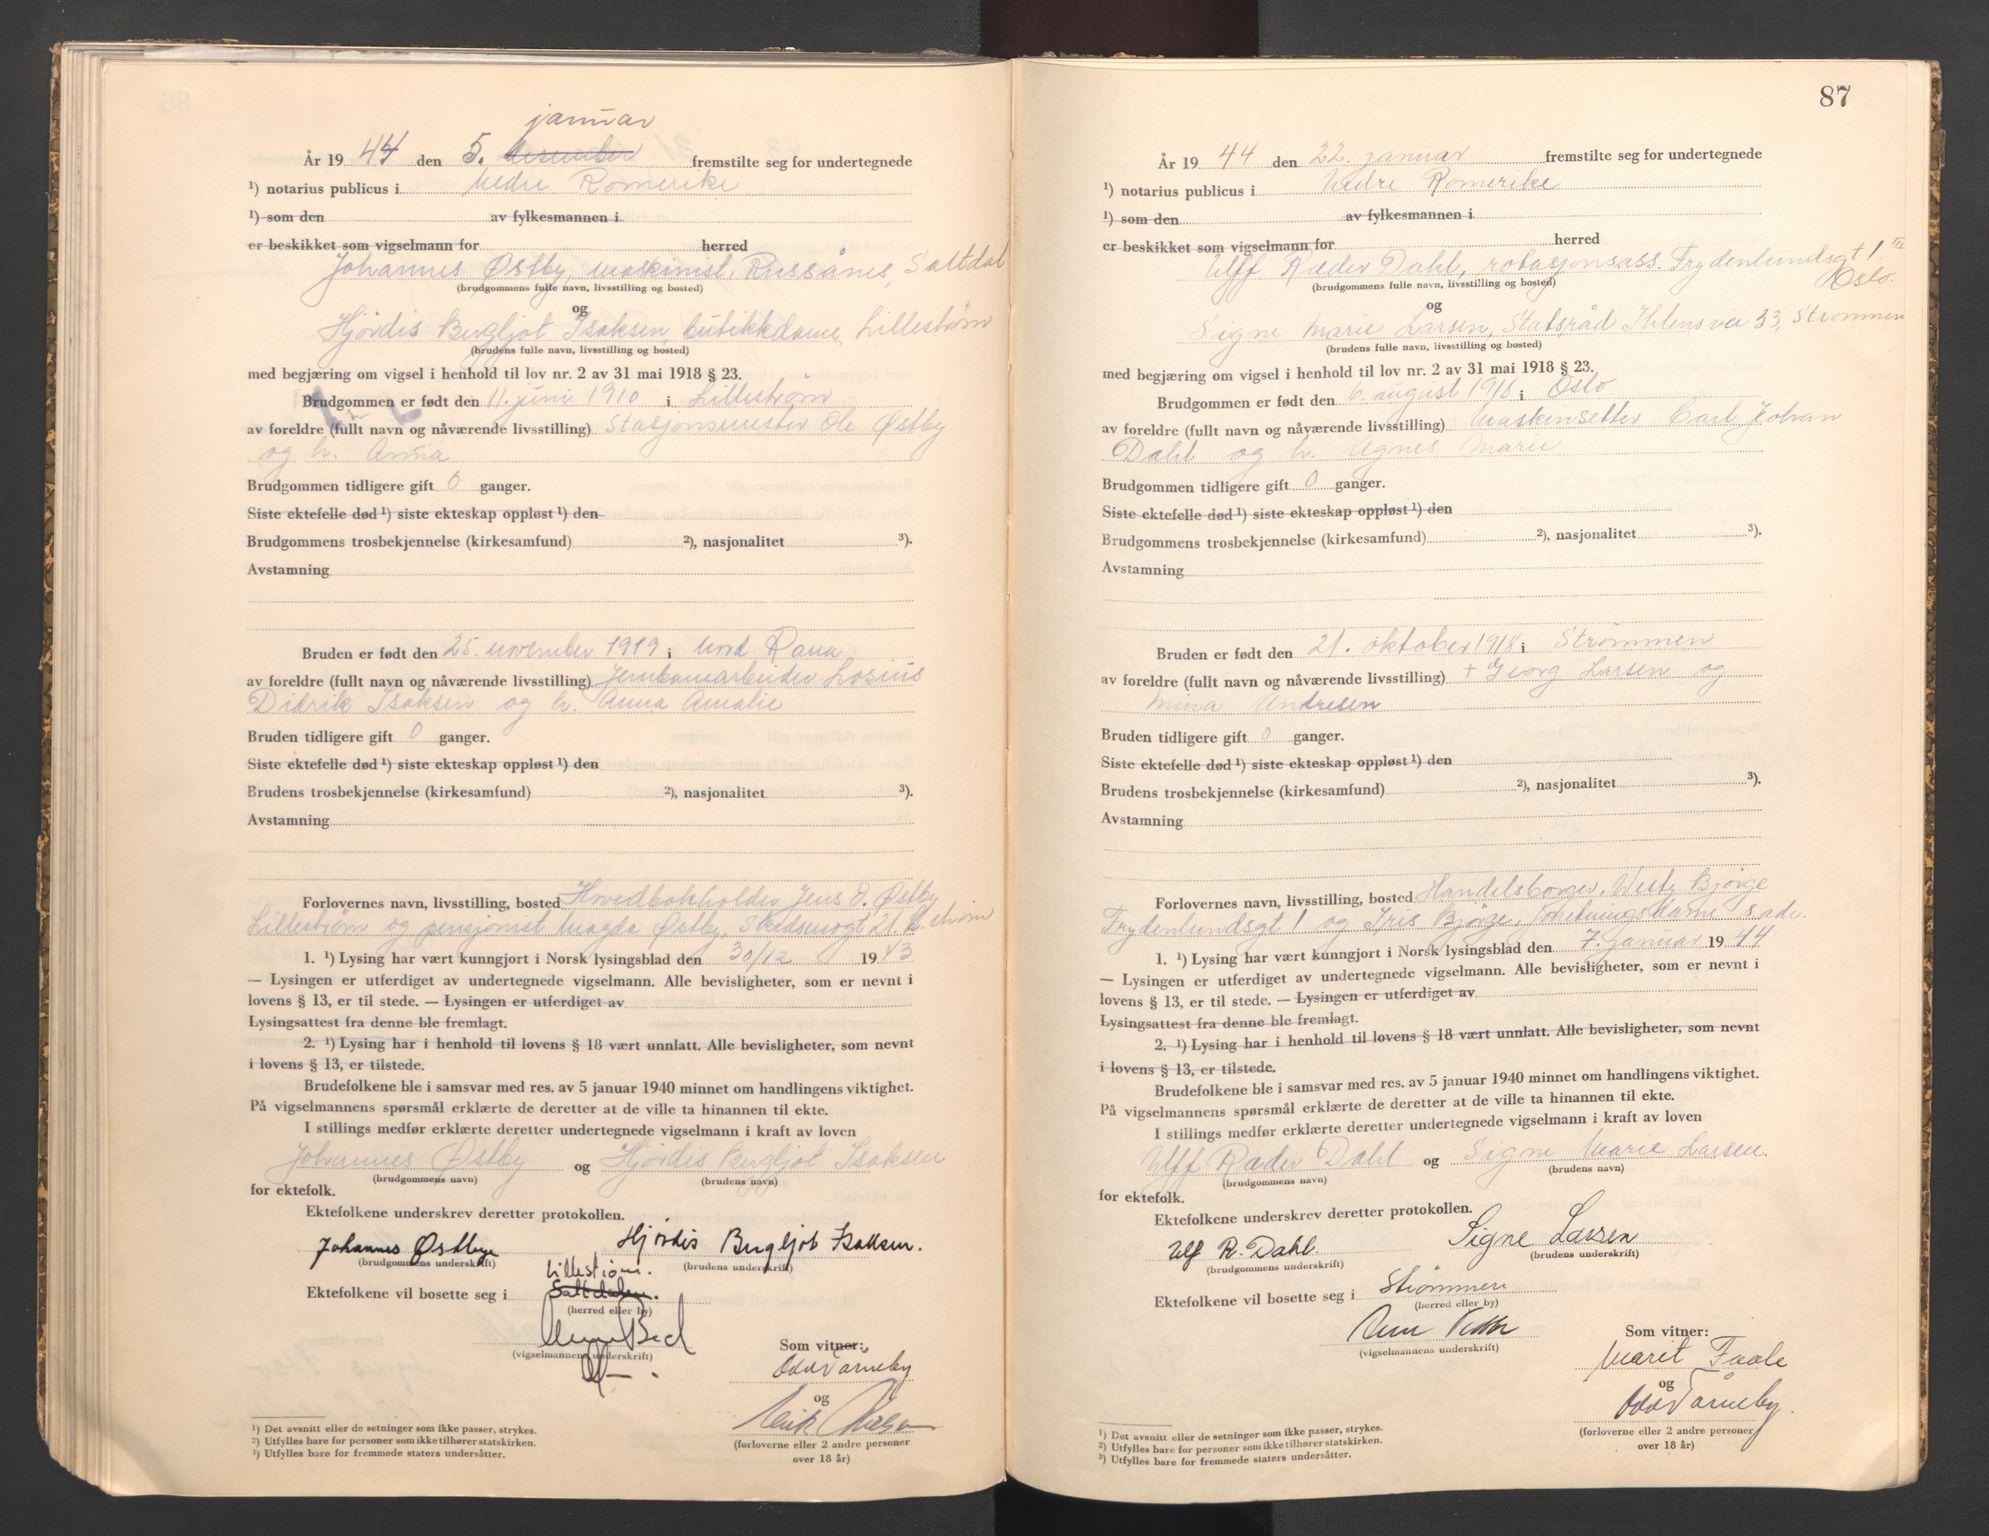 SAO, Nedre Romerike sorenskriveri, L/Lb/L0004: Vigselsbok - borgerlige vielser, 1943-1944, s. 87